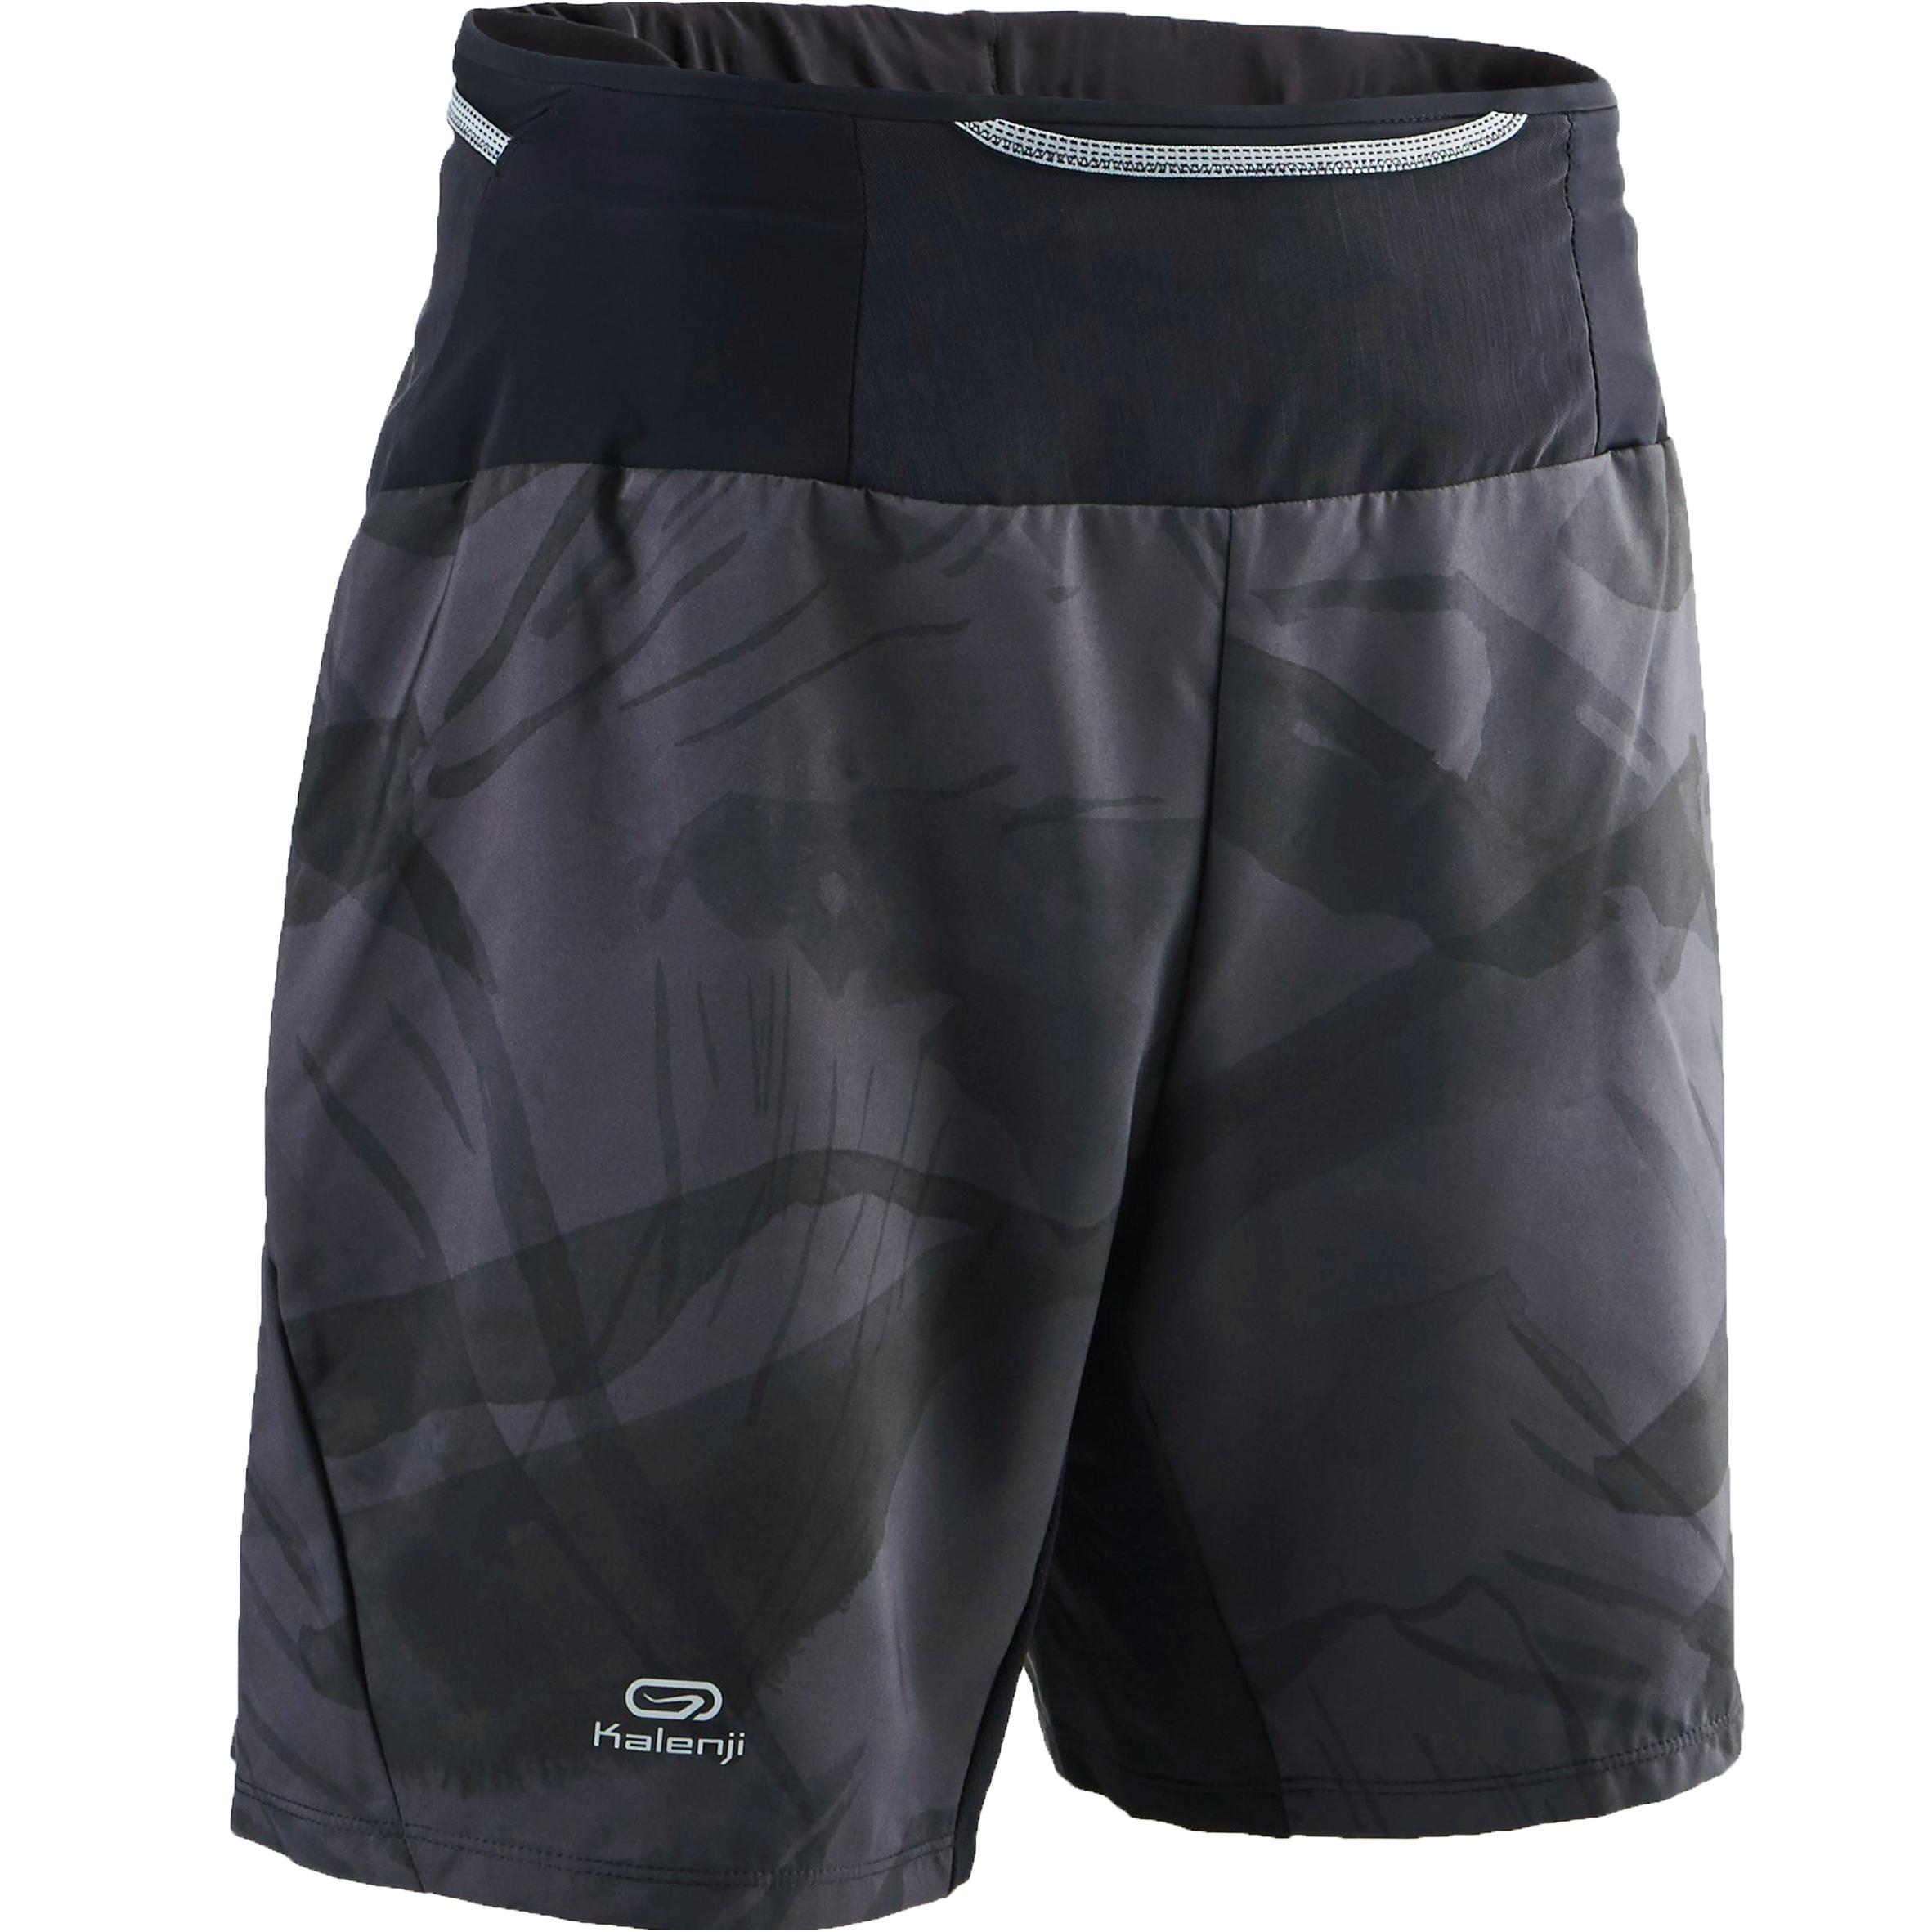 7c98071d8 Pantalones cortos deportivos de Hombre | Decathlon